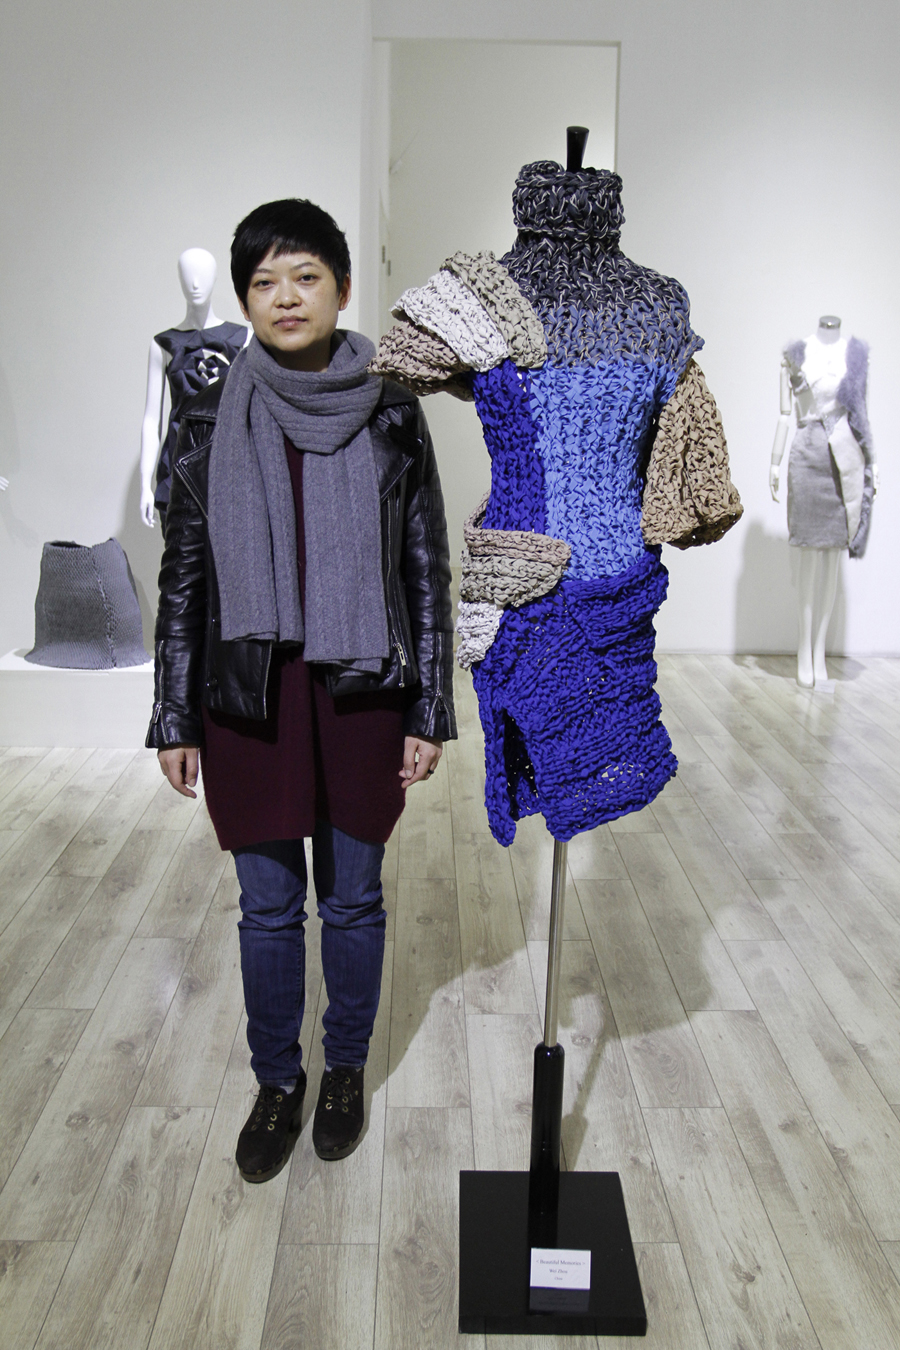 2015 Fashion Art hisheji 01 (13)